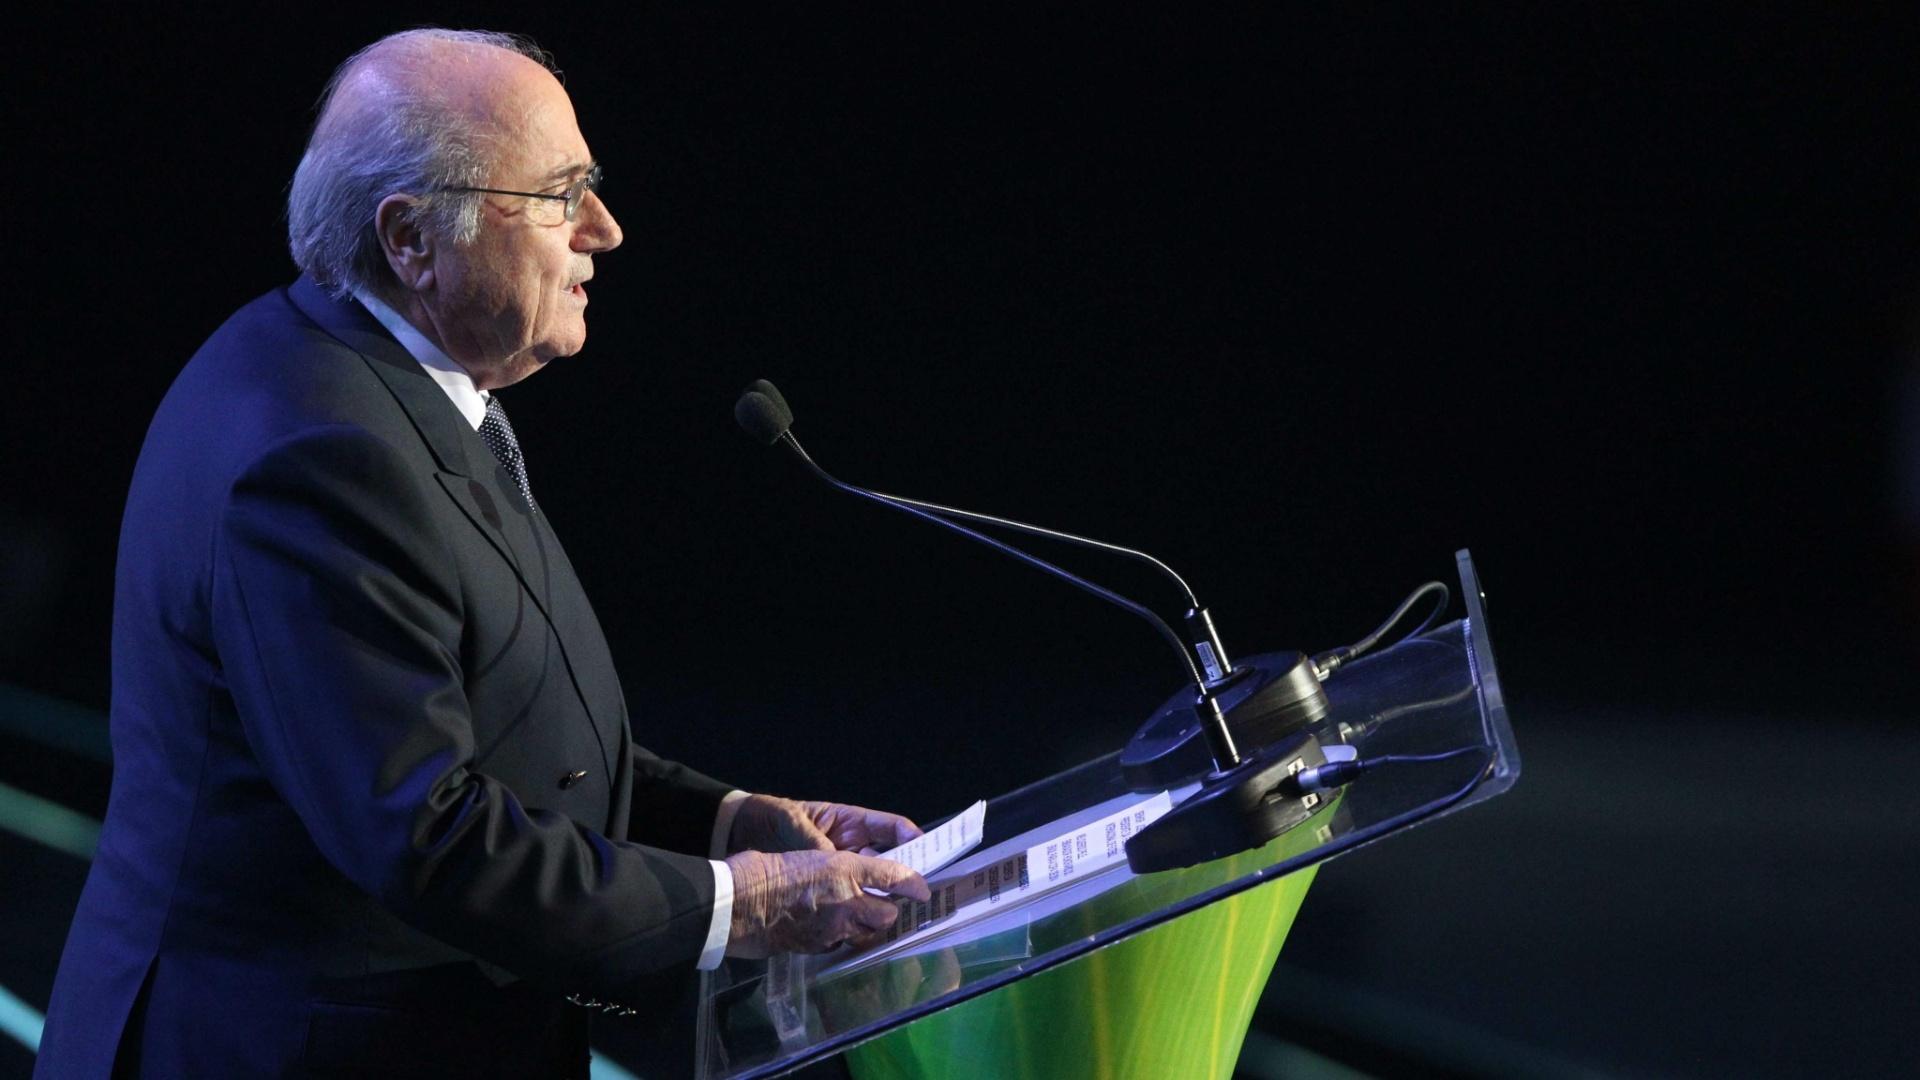 Presidente da Fifa Joseph Blatter discursa durante o sorteio das eliminatórias da Copa